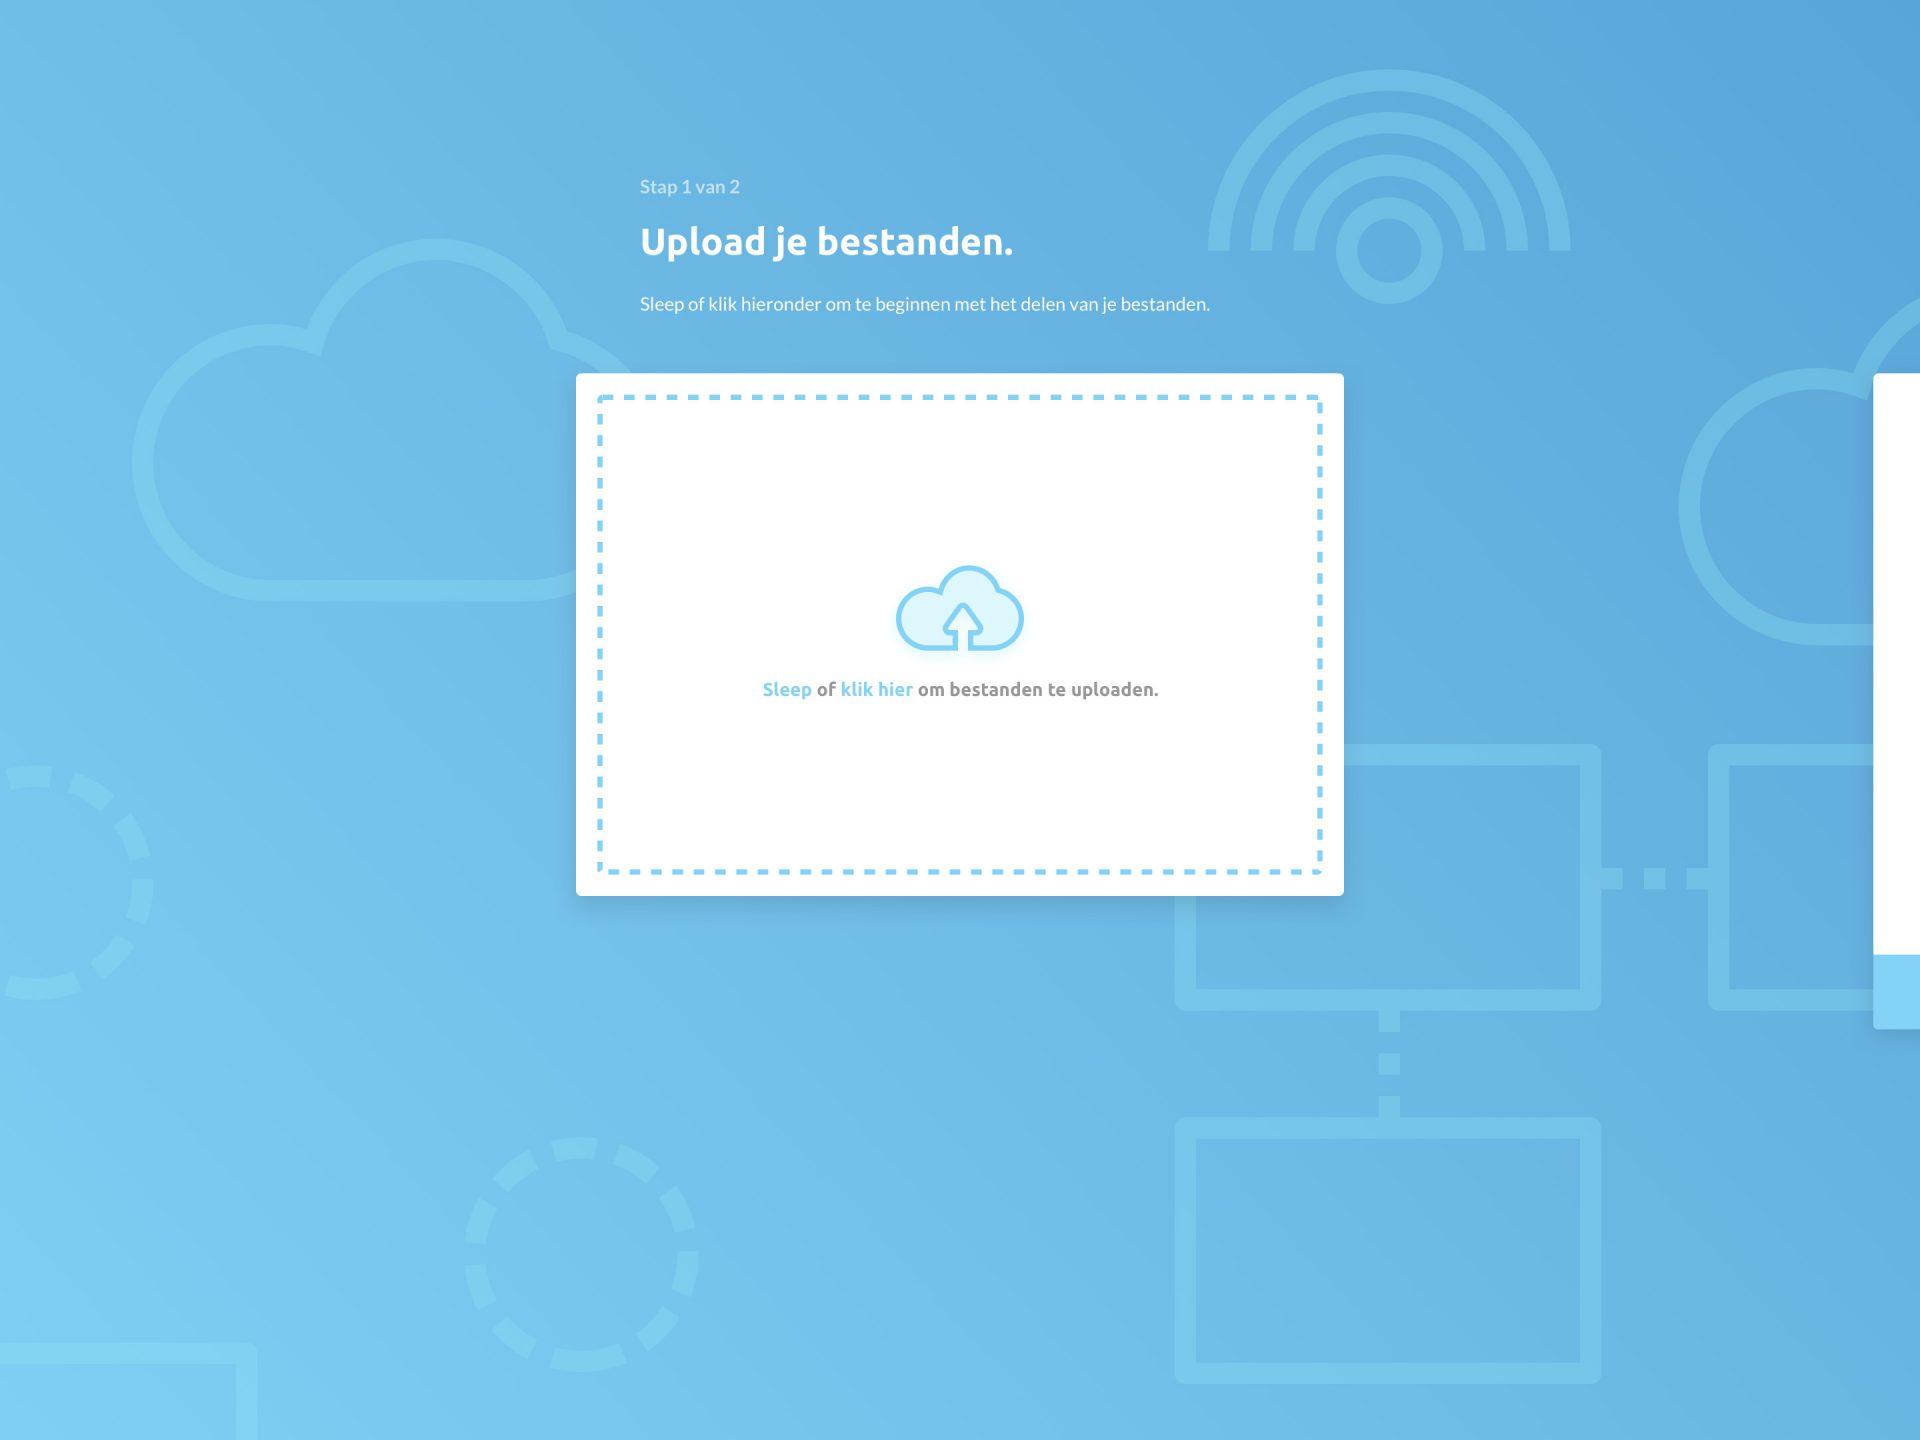 File Transfer UI - Upload je bestanden